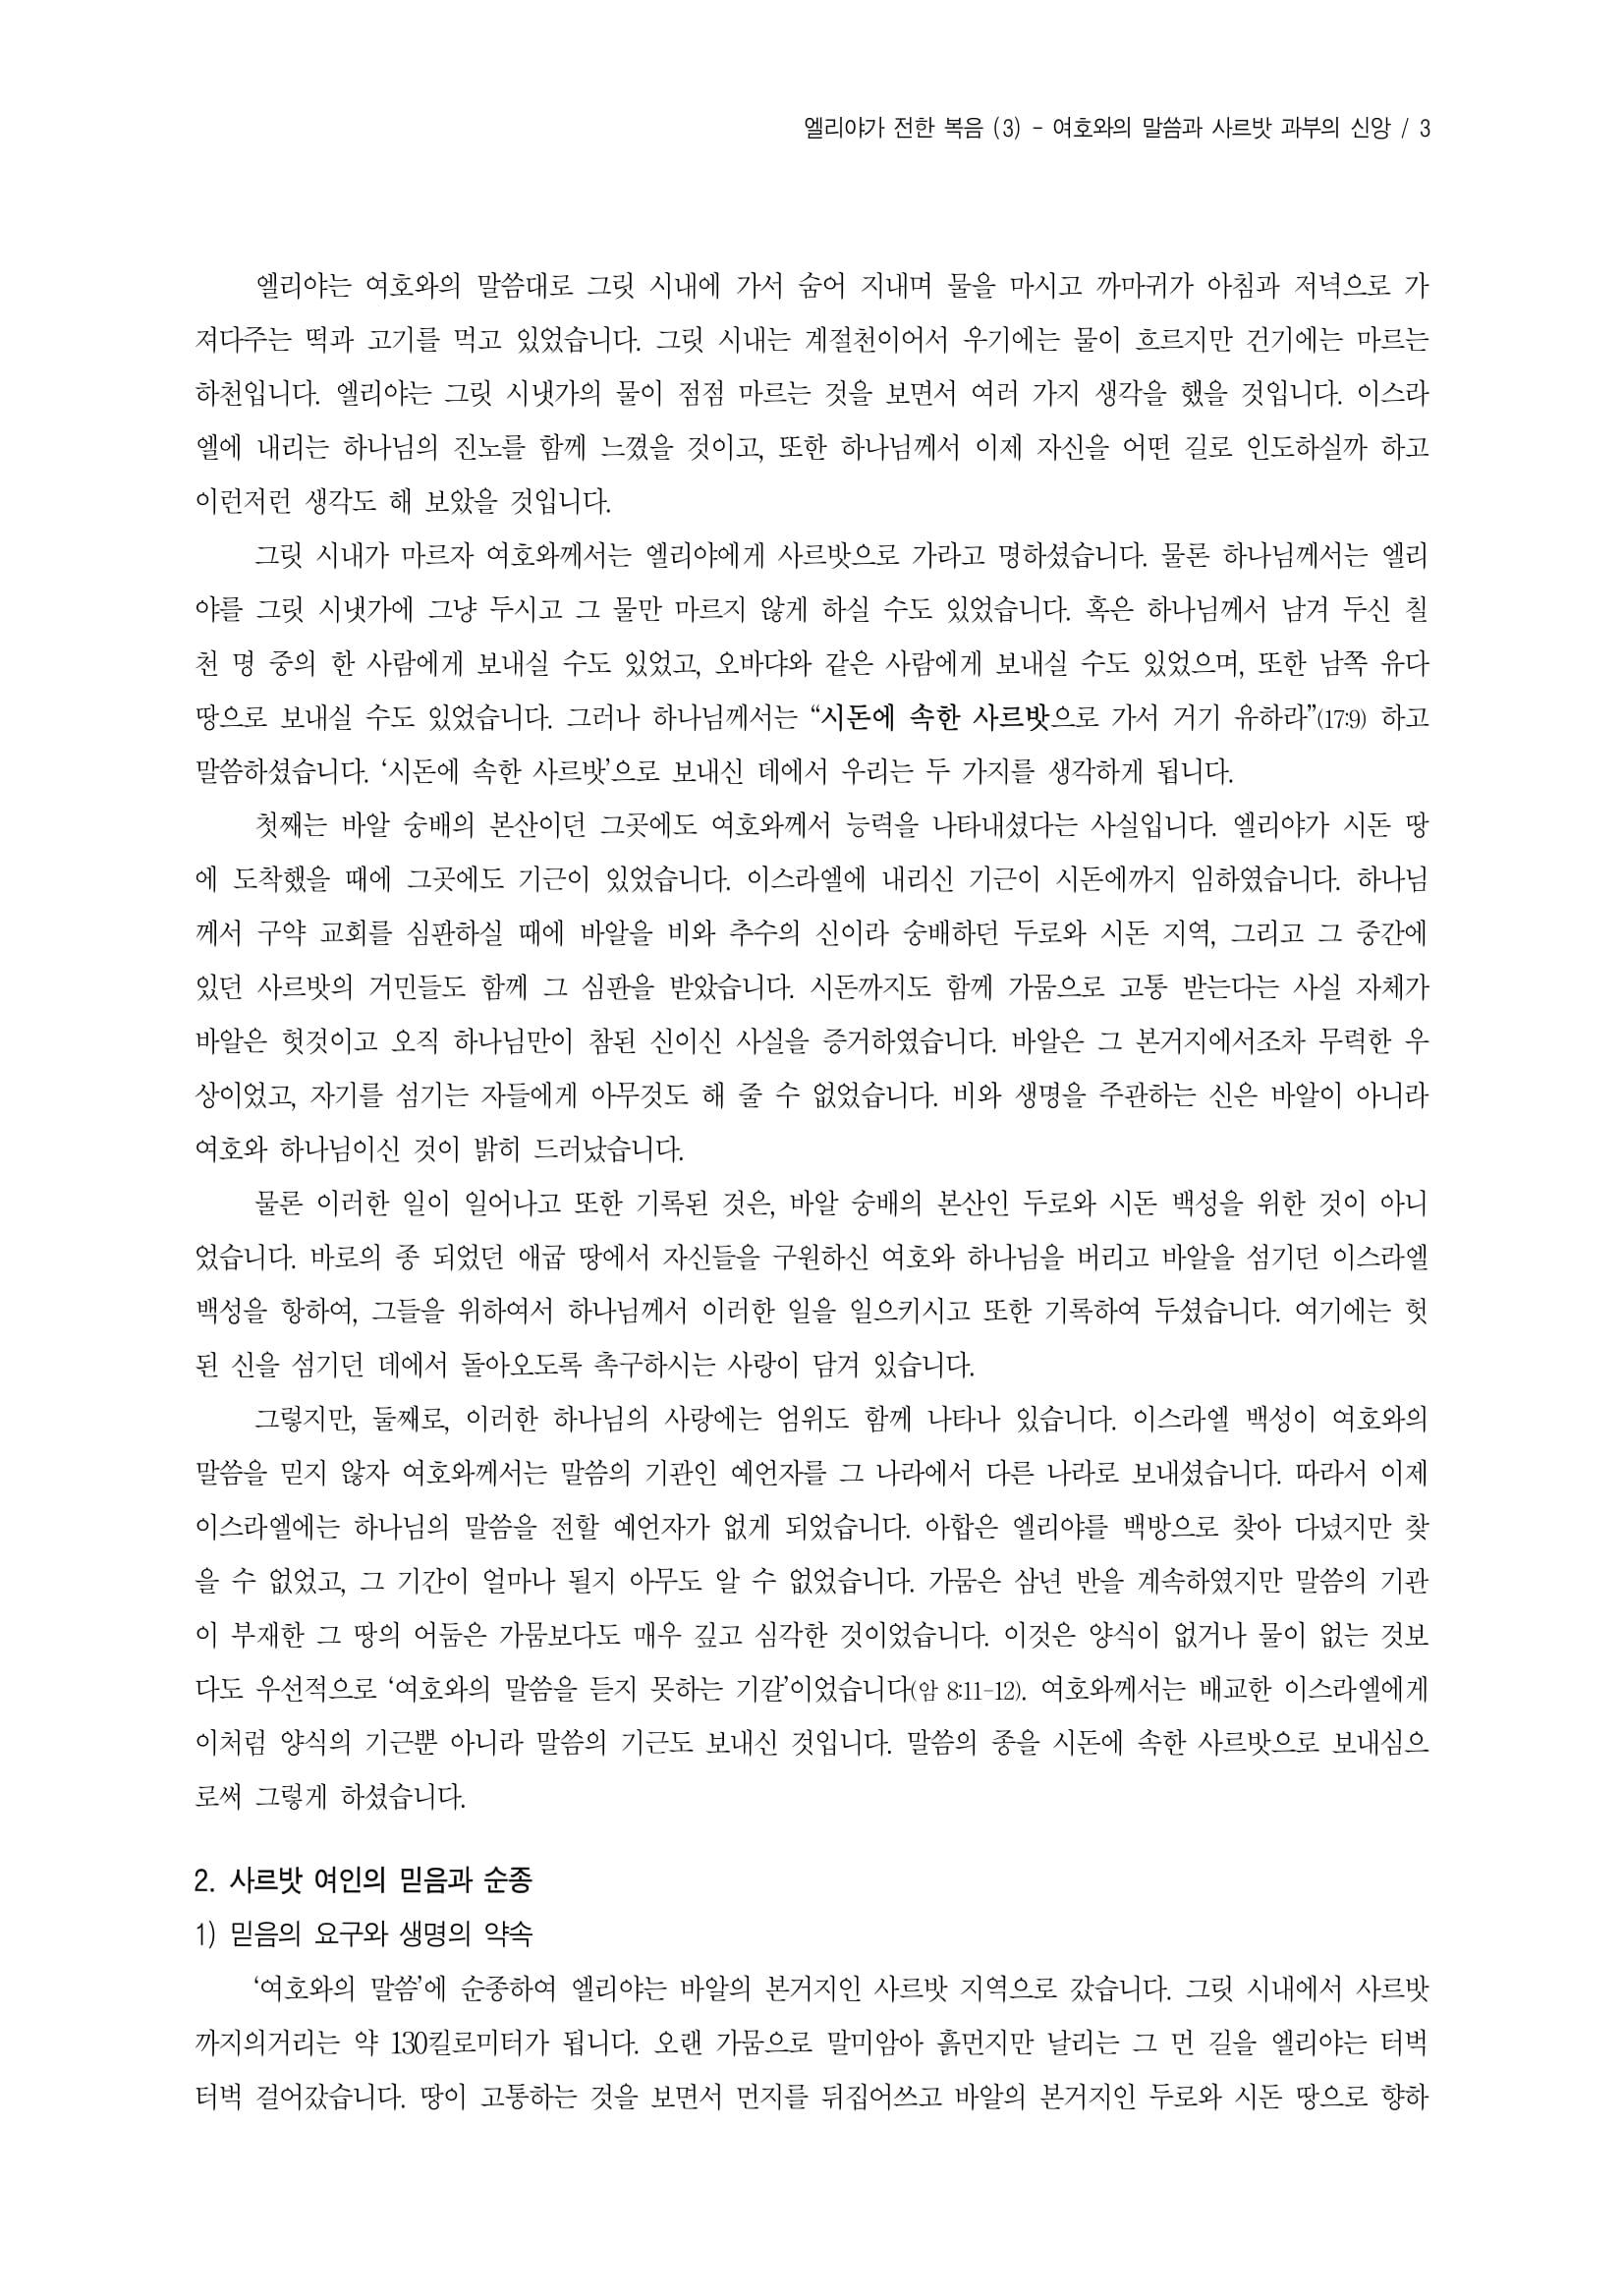 엘리야(3)-여호와의 말씀과 사르밧과부의 신앙_왕상17장-02.jpg